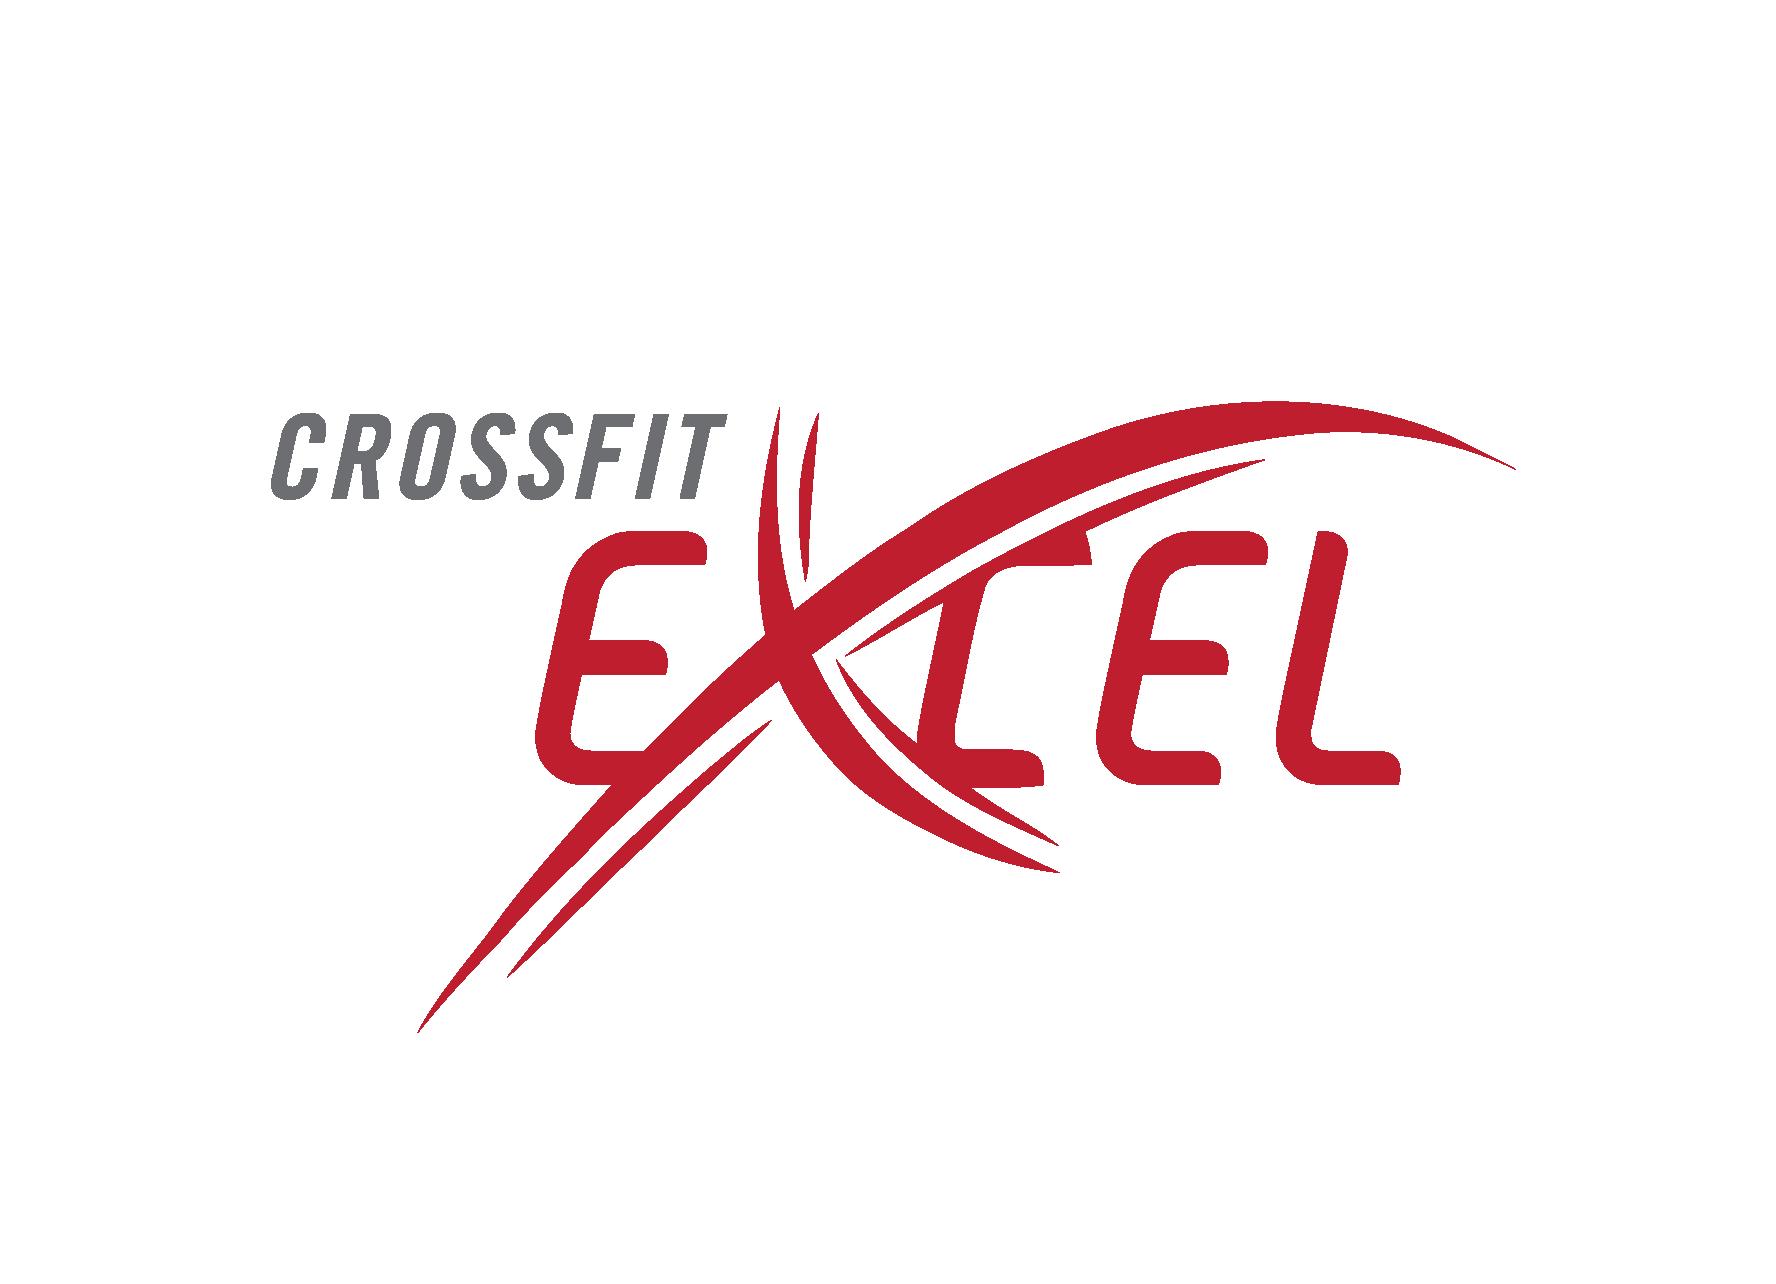 Excel_HF_Lockup_CROSSFIT.png